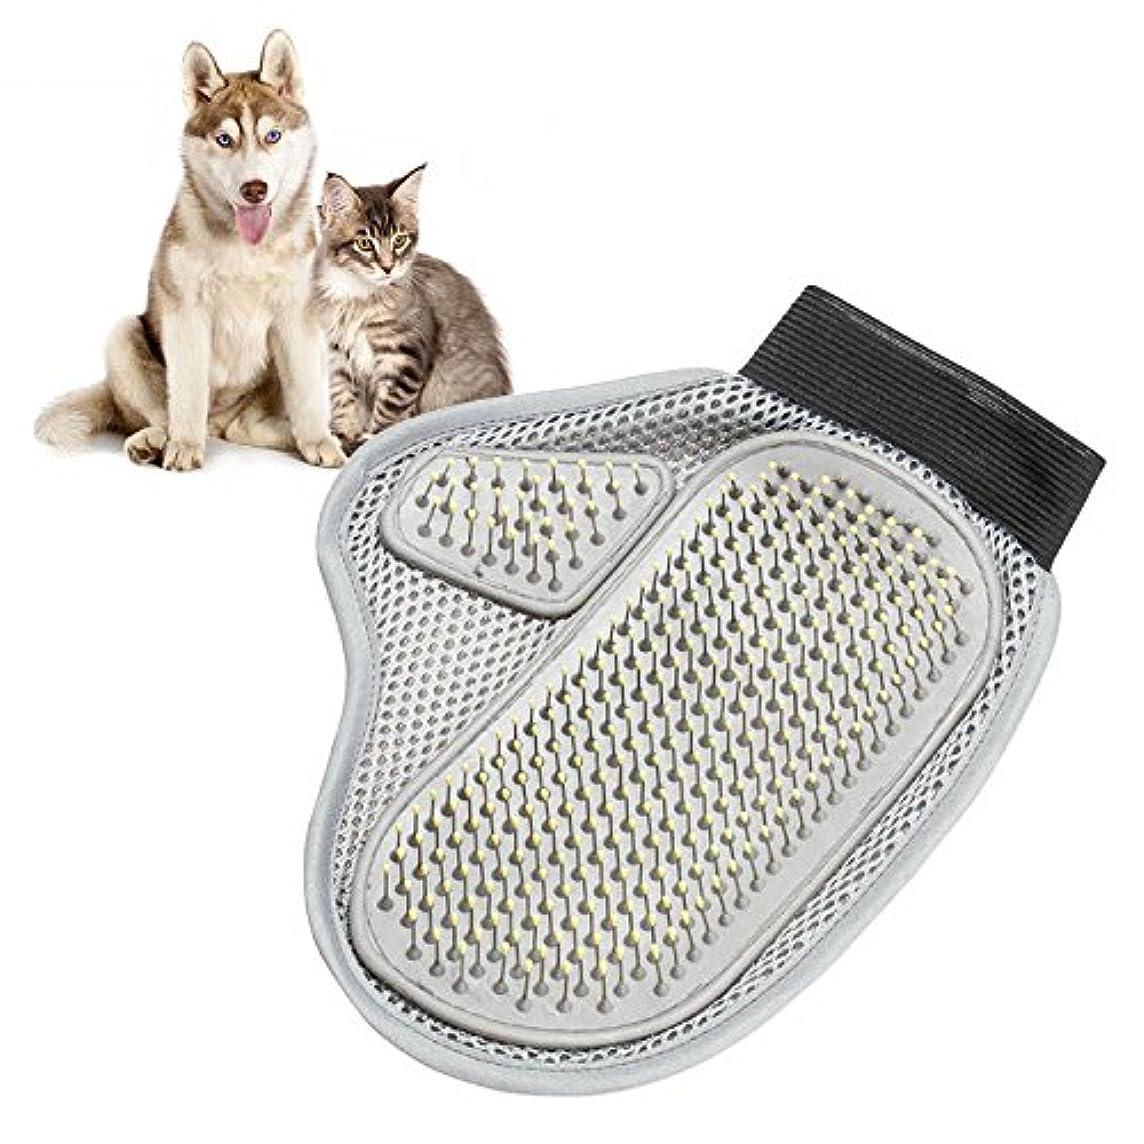 すなわちオレンジ占めるBTXXYJP ペット ブラシ 手袋 猫 ブラシ グローブ クリーナー 耐摩耗 抜け毛取り マッサージブラシ 犬 グローブ (Color : Gray, Size : M)